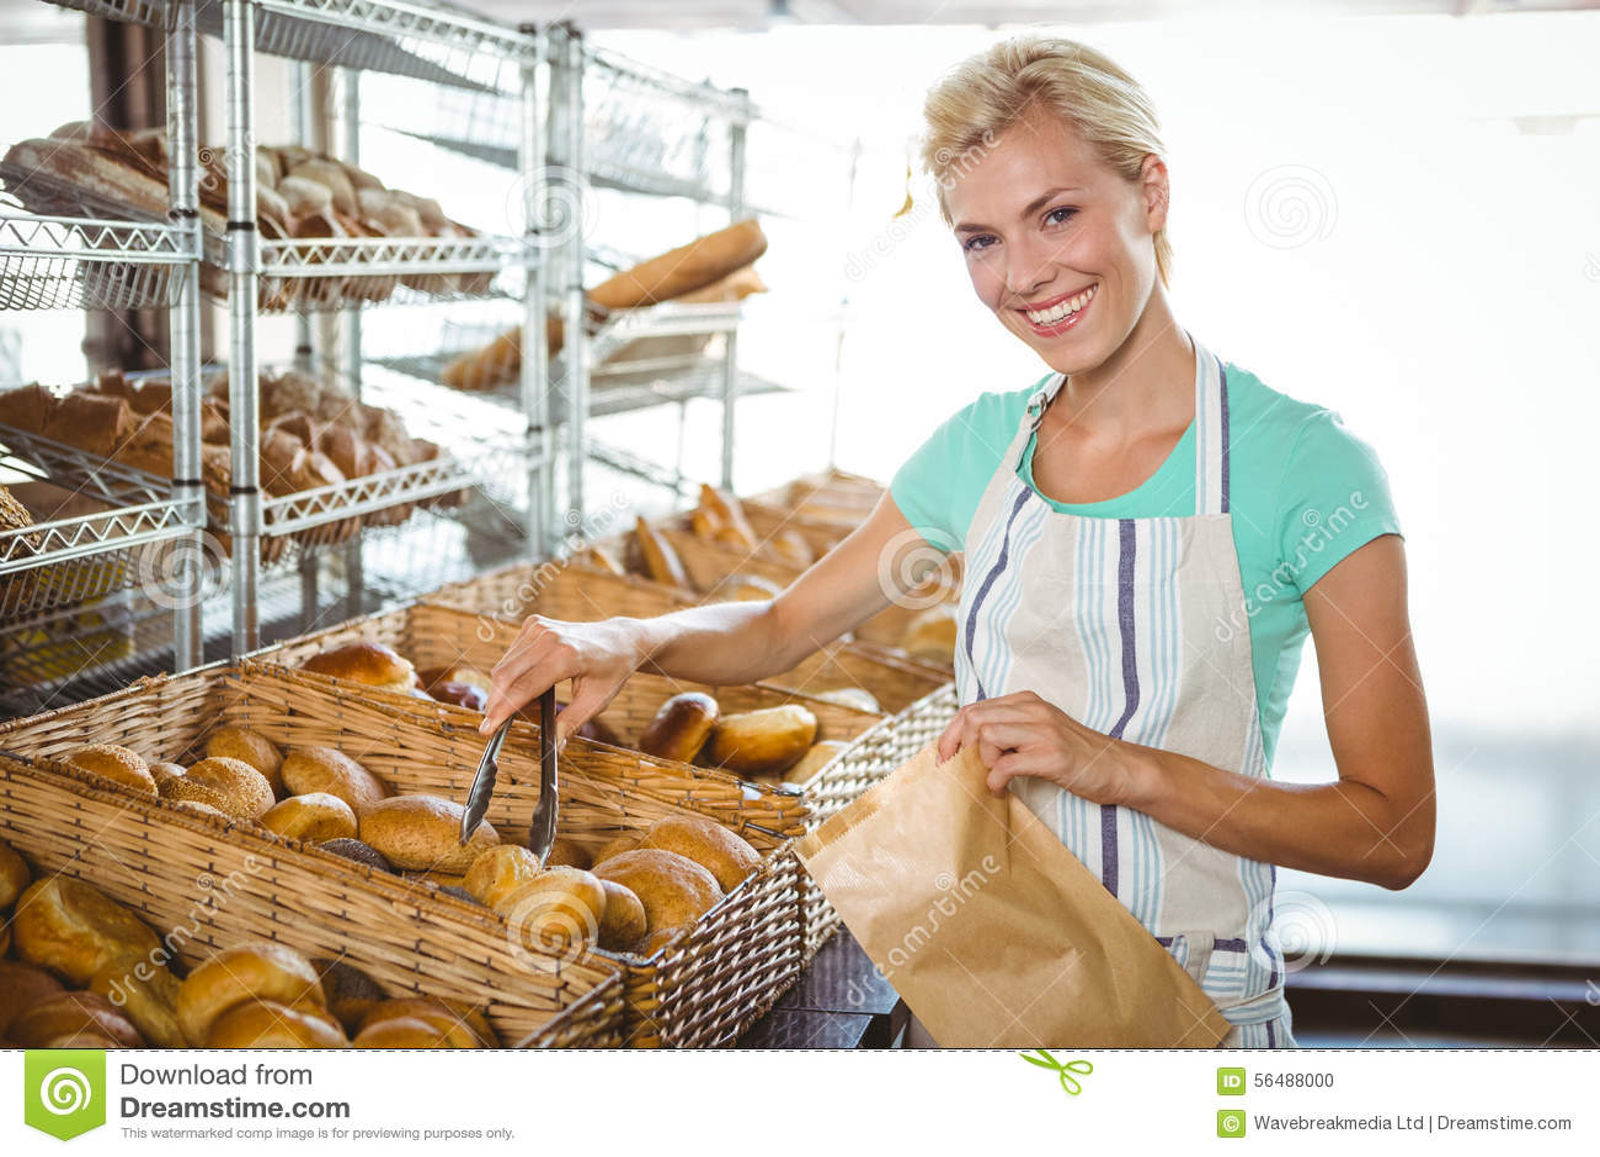 Panier de transport de sourire de serveuse de pain